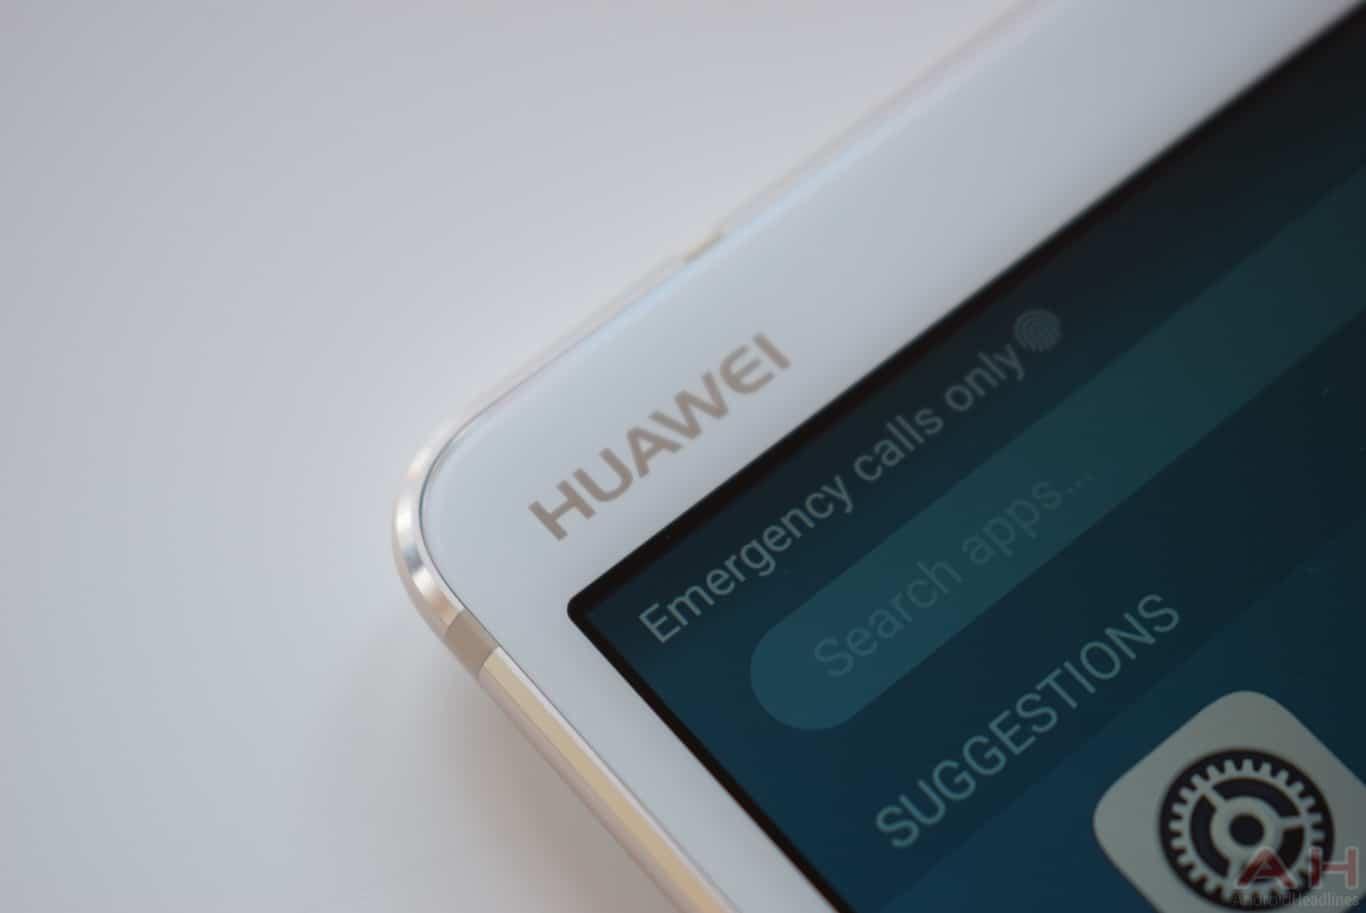 Huawei MediaPad M5 8.4 inch MWC 18 AM AH 7